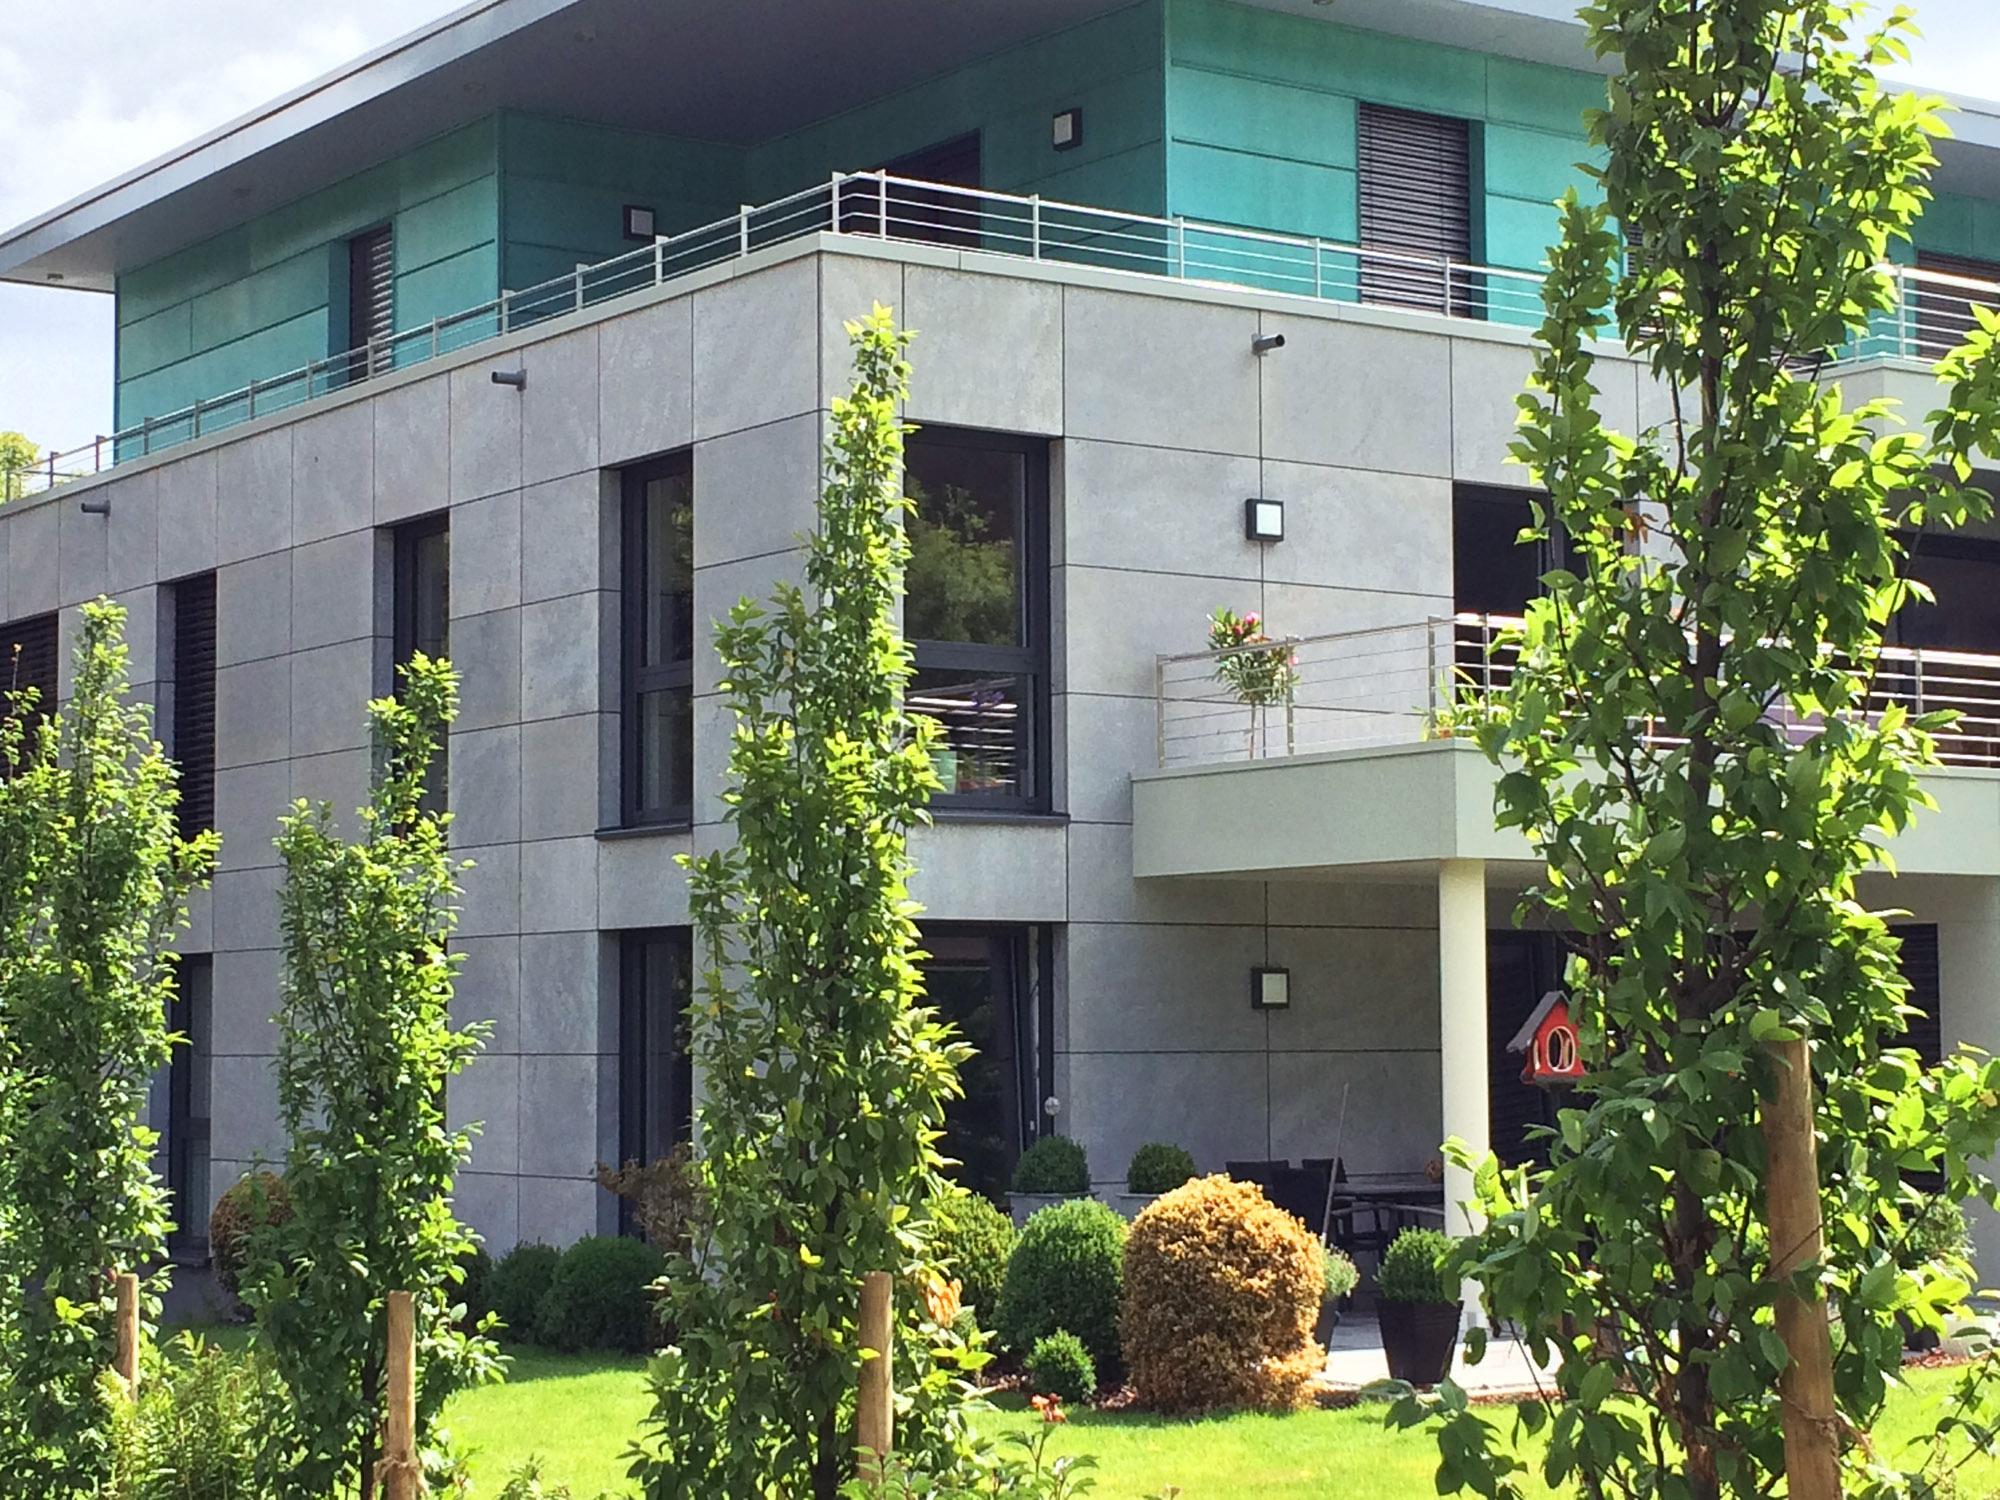 Repräsentatives Wohnhaus in Aachen mit grauen Fassadenplatten aus Kohlplatter Edelgrau von TRACO